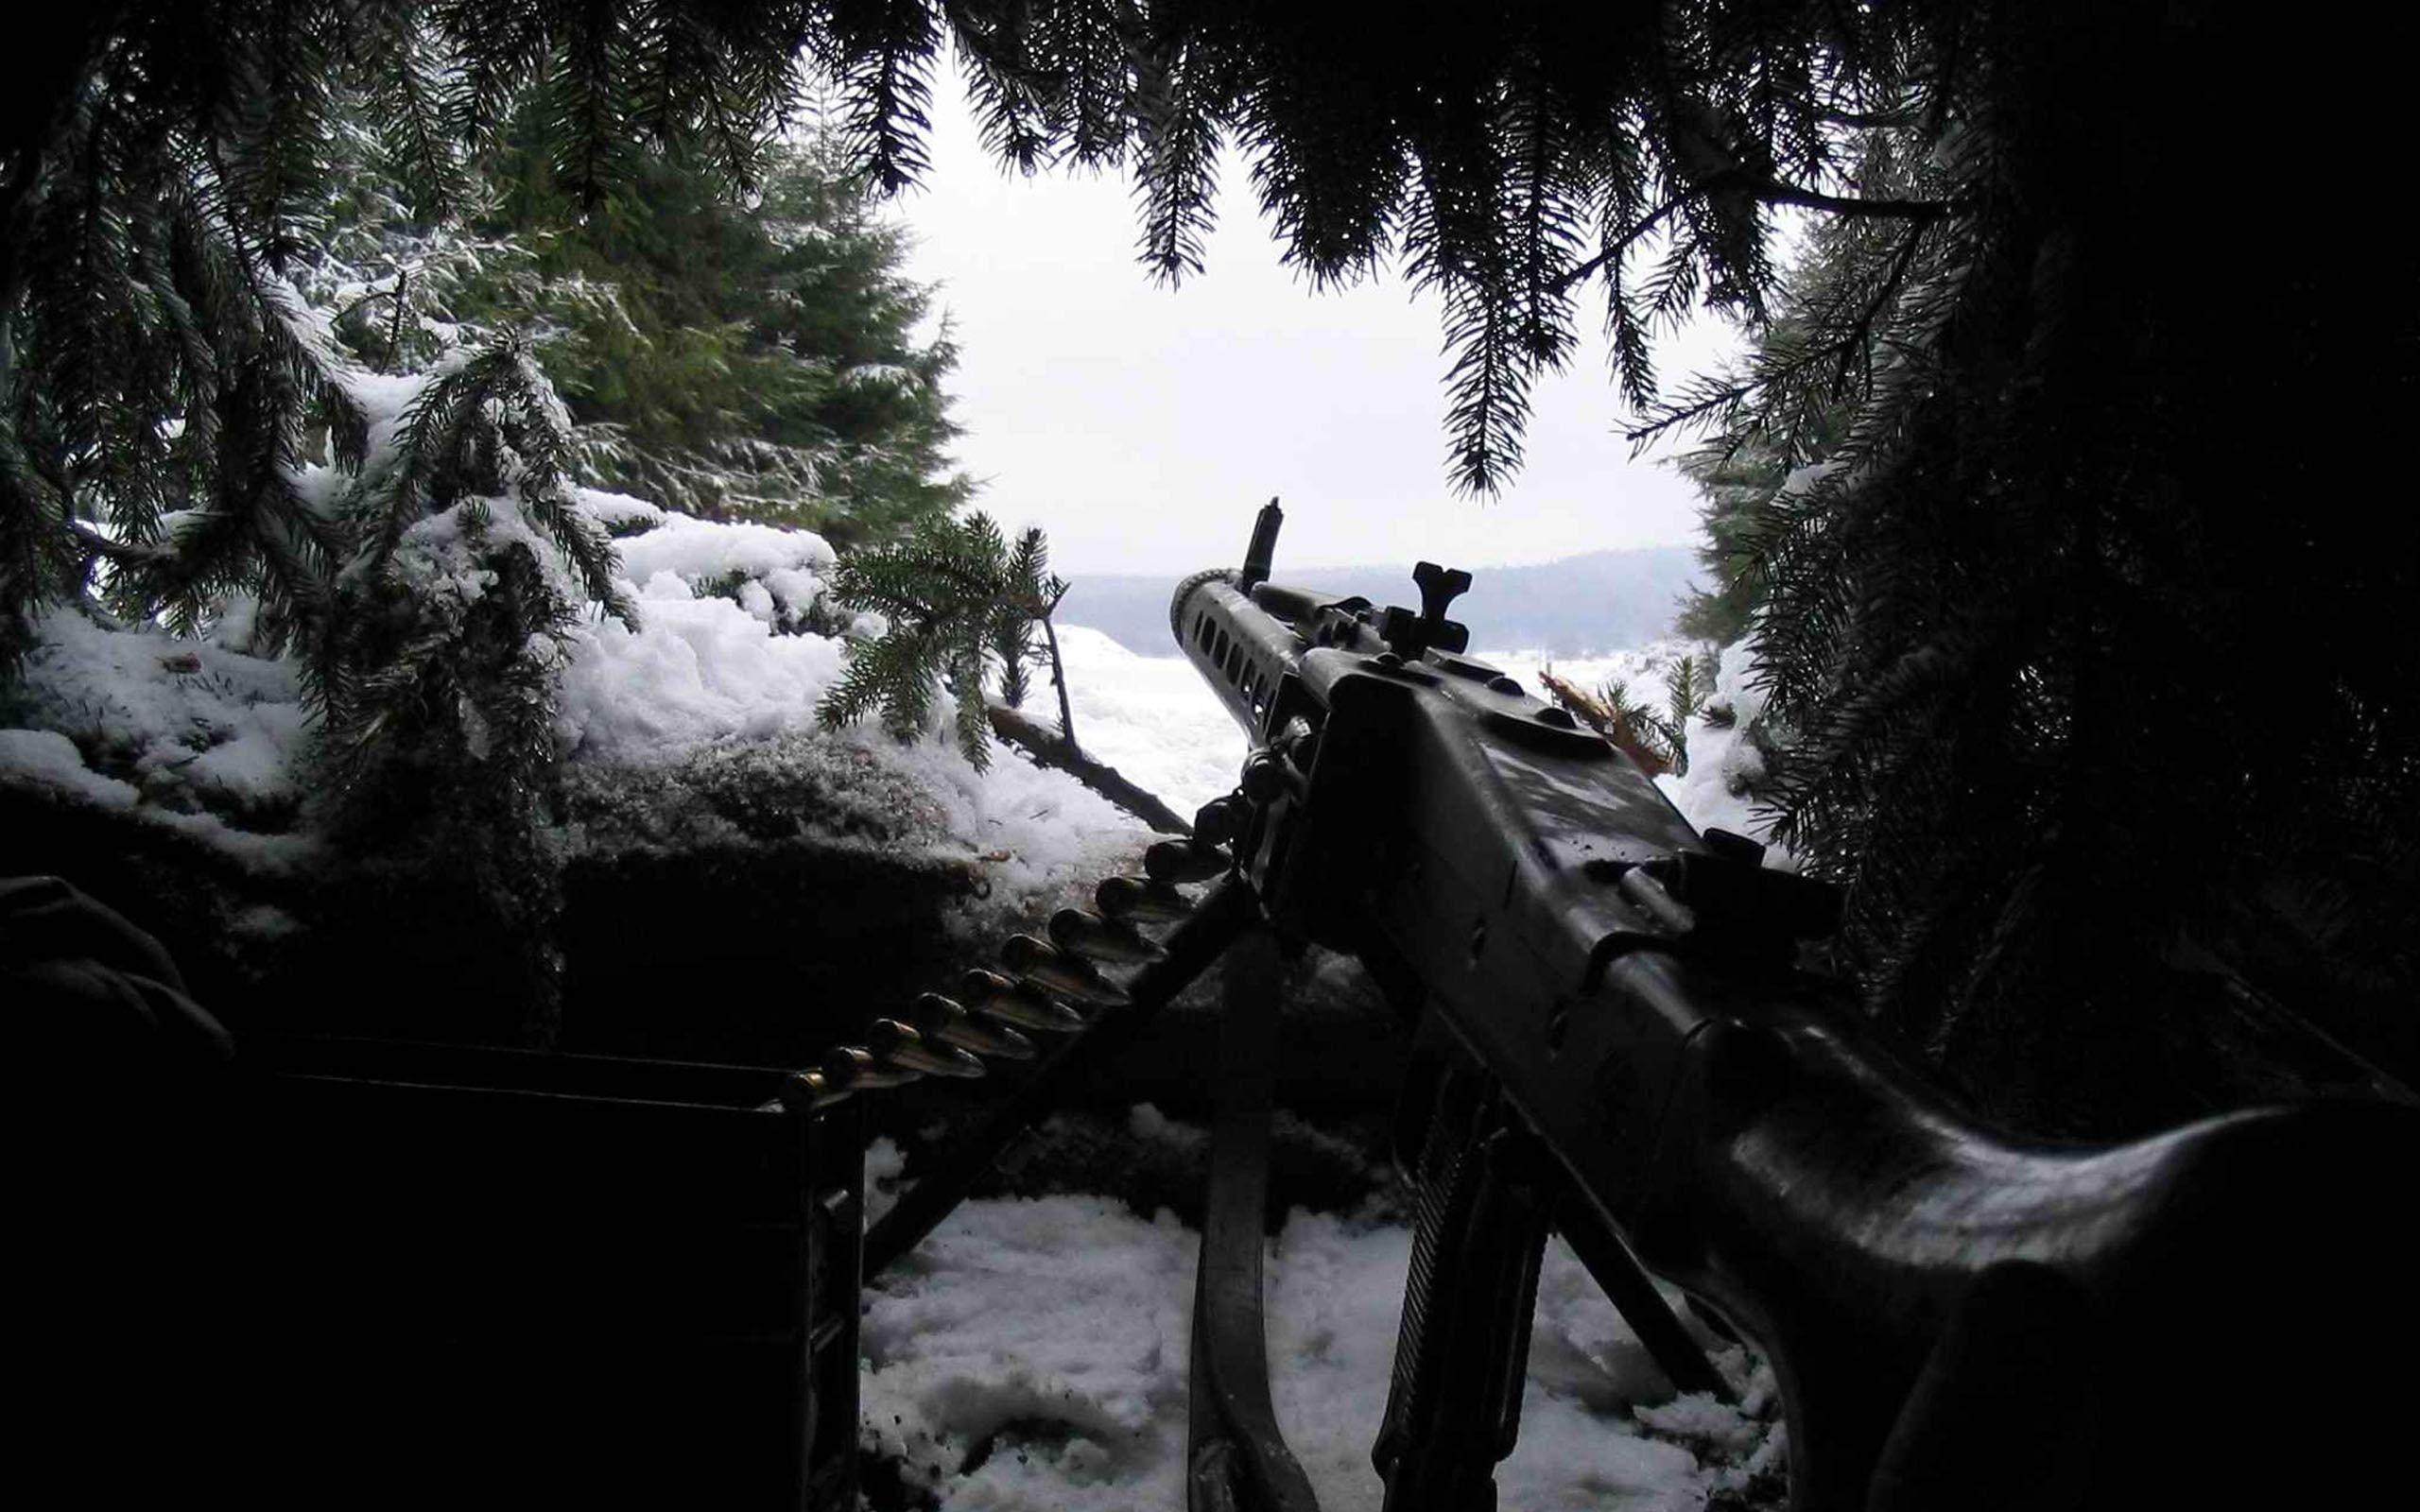 آشنایی با تیر بار MG 42 ،قاتل آلمانی متفقین !!